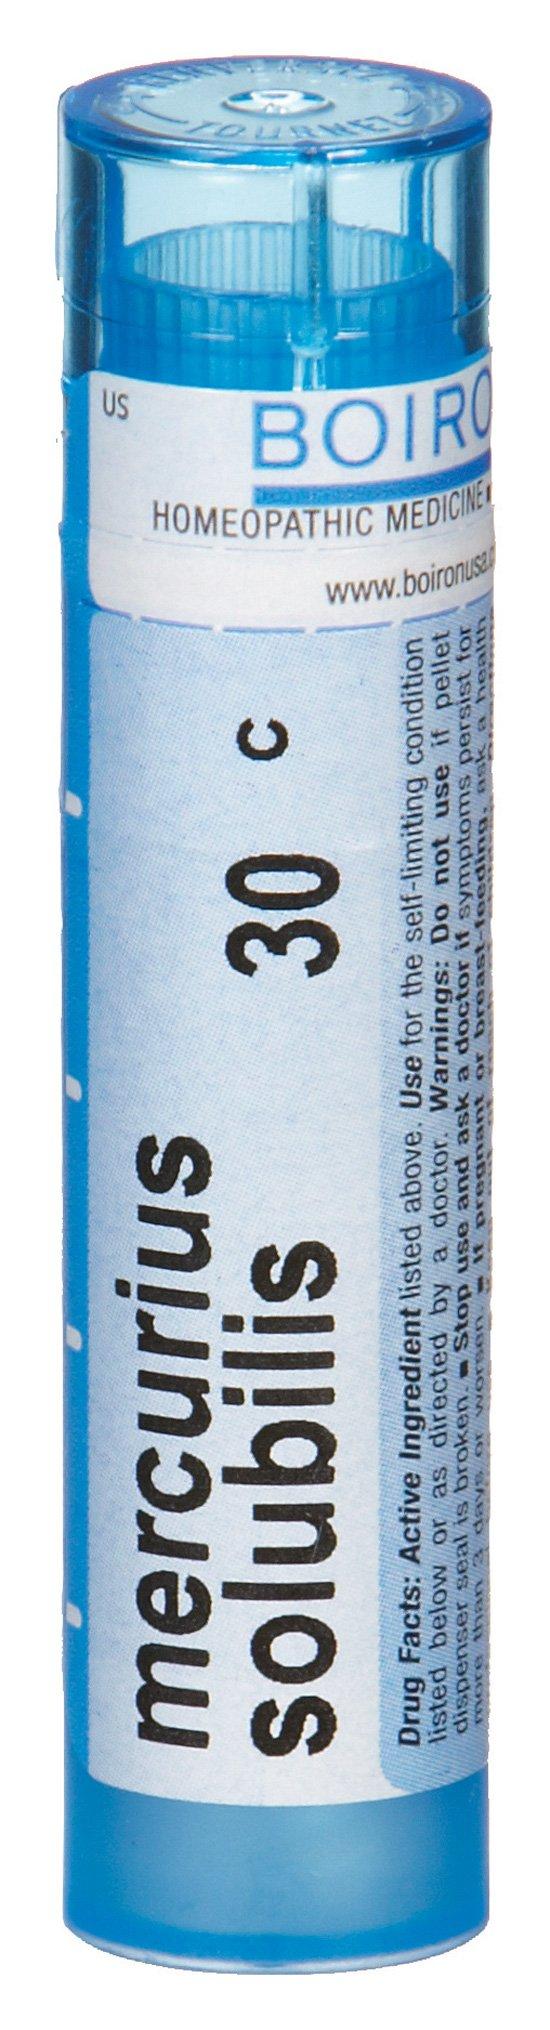 Boiron - Mercurius Solubilis - 30C (80 Pellets)